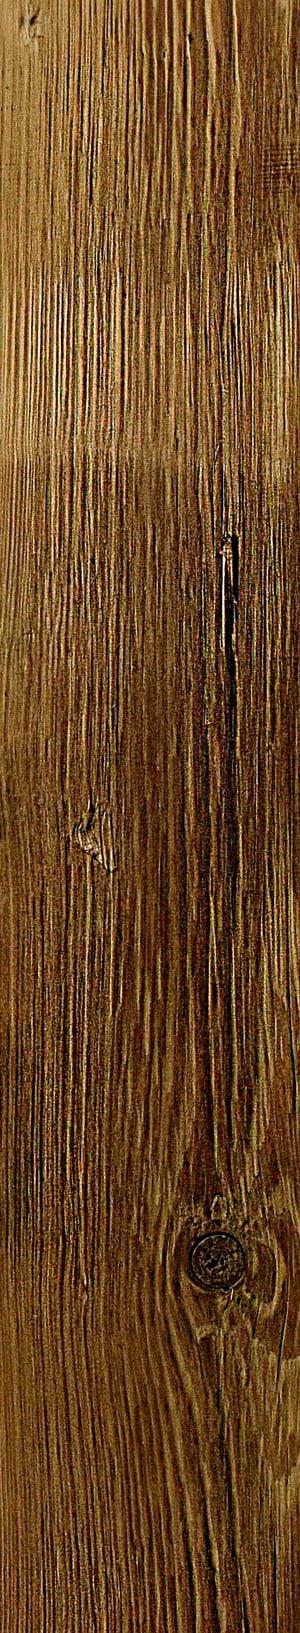 Planches vieux bois marron 20 x 80-120 x 1000 mm 5 pcs.